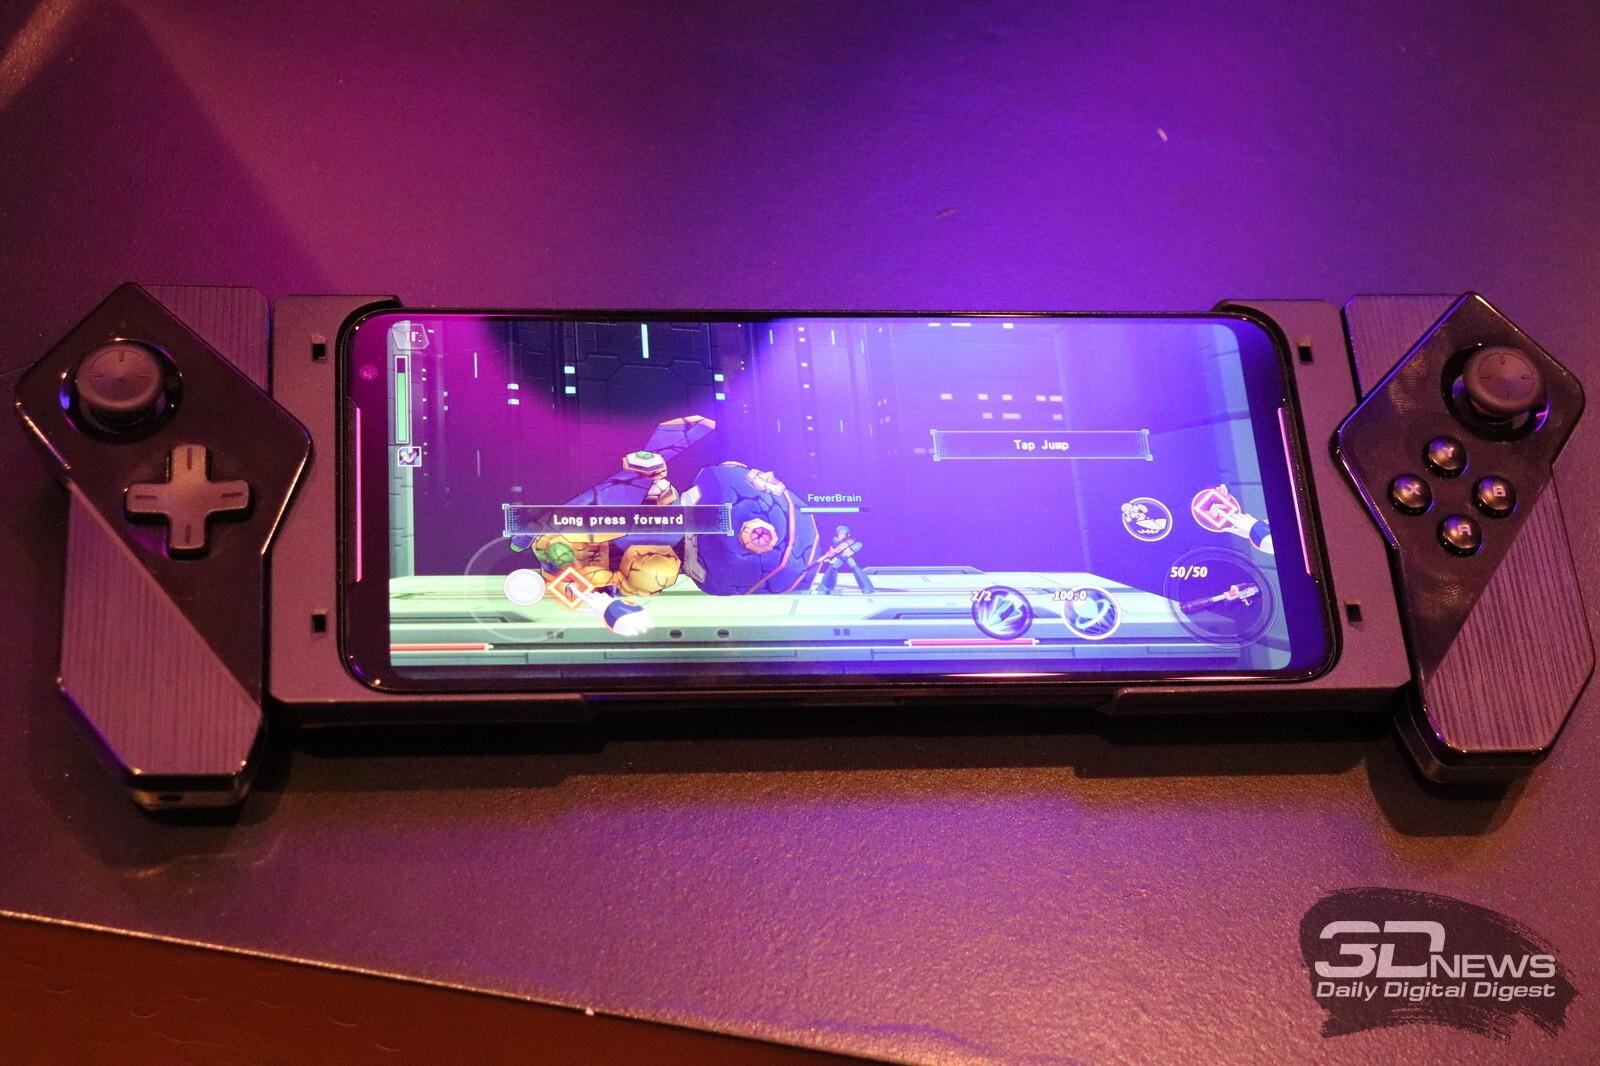 Новая статья: IFA 2019: Первые впечатления от ASUS ROG Phone II, самого мощного смартфона современности